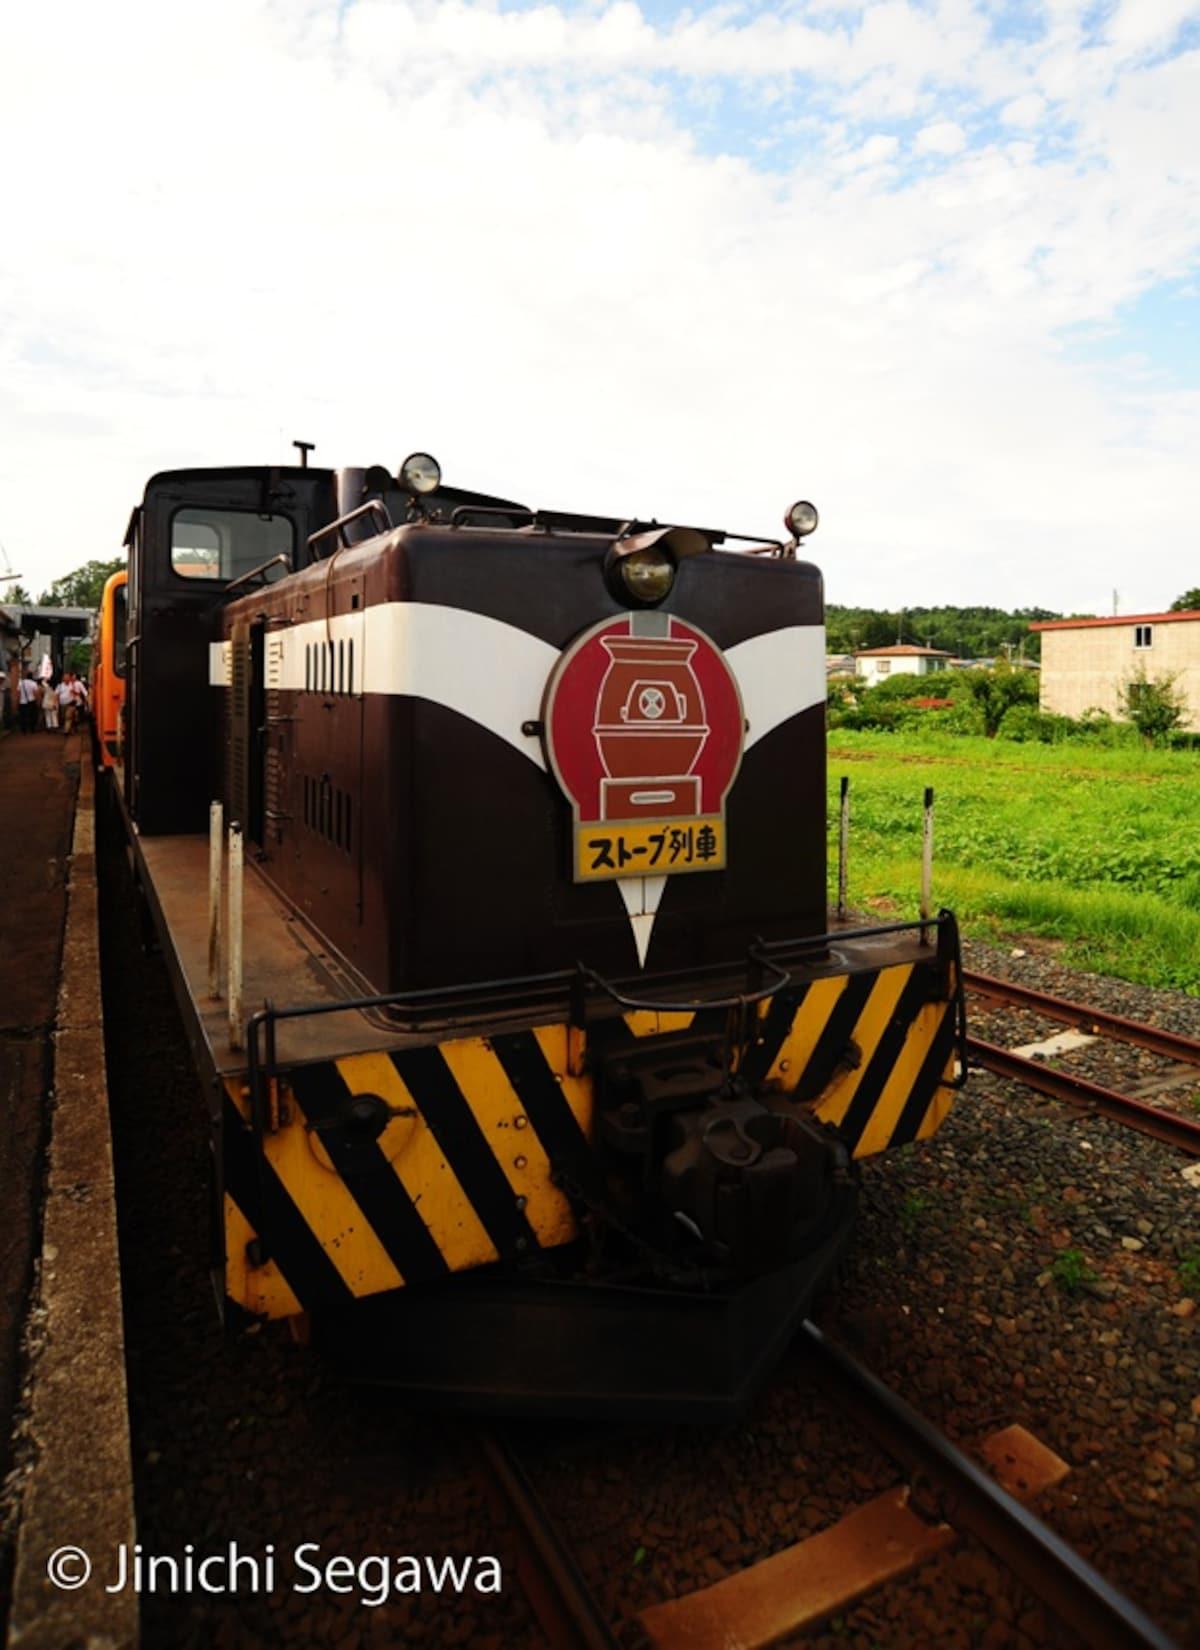 รถไฟเตาถ่านที่วิ่งในช่วงเทศกาล